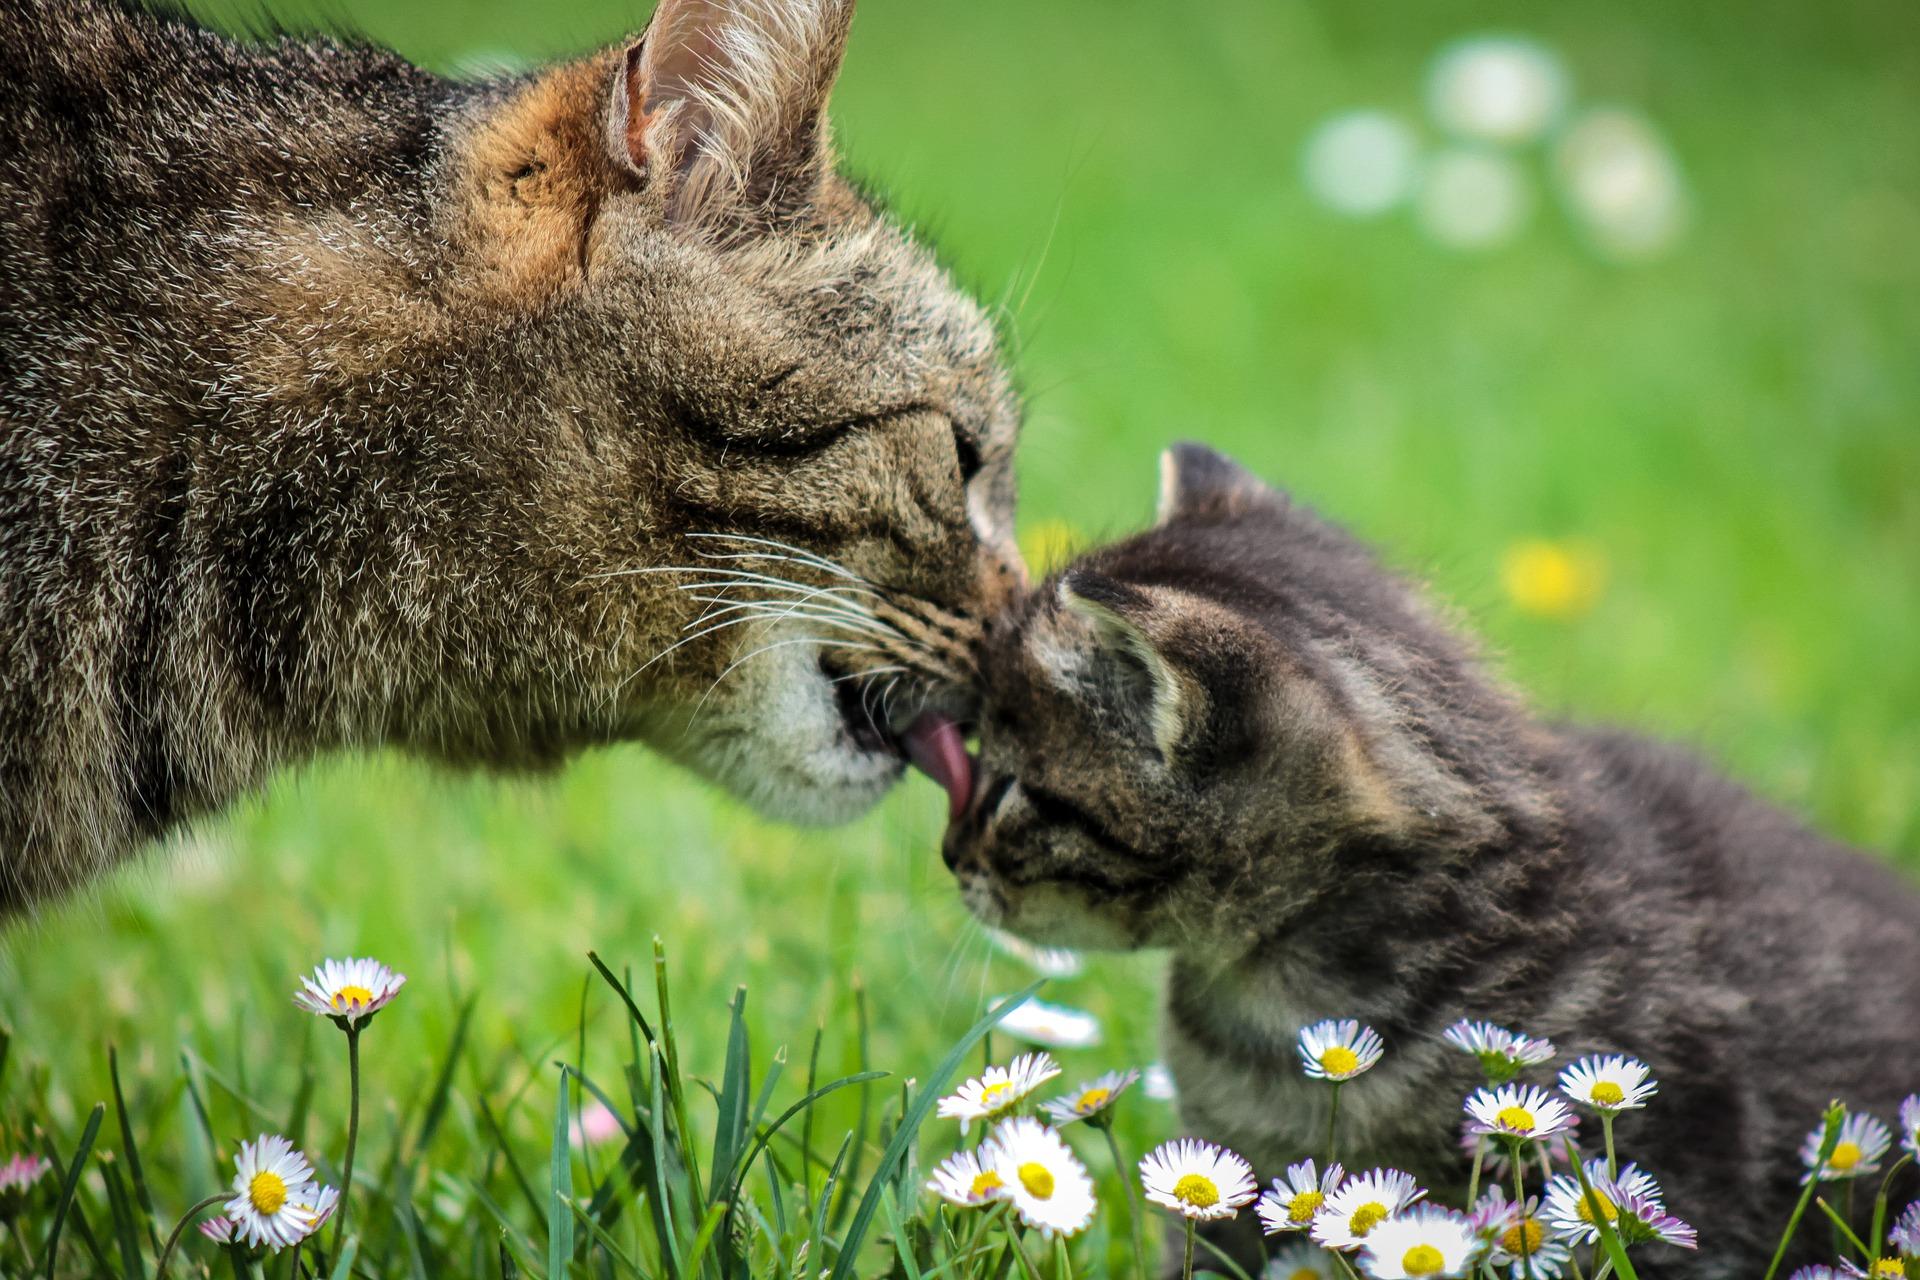 流浪貓媽媽帶小貓上醫院獲得幫助 網友讚爆